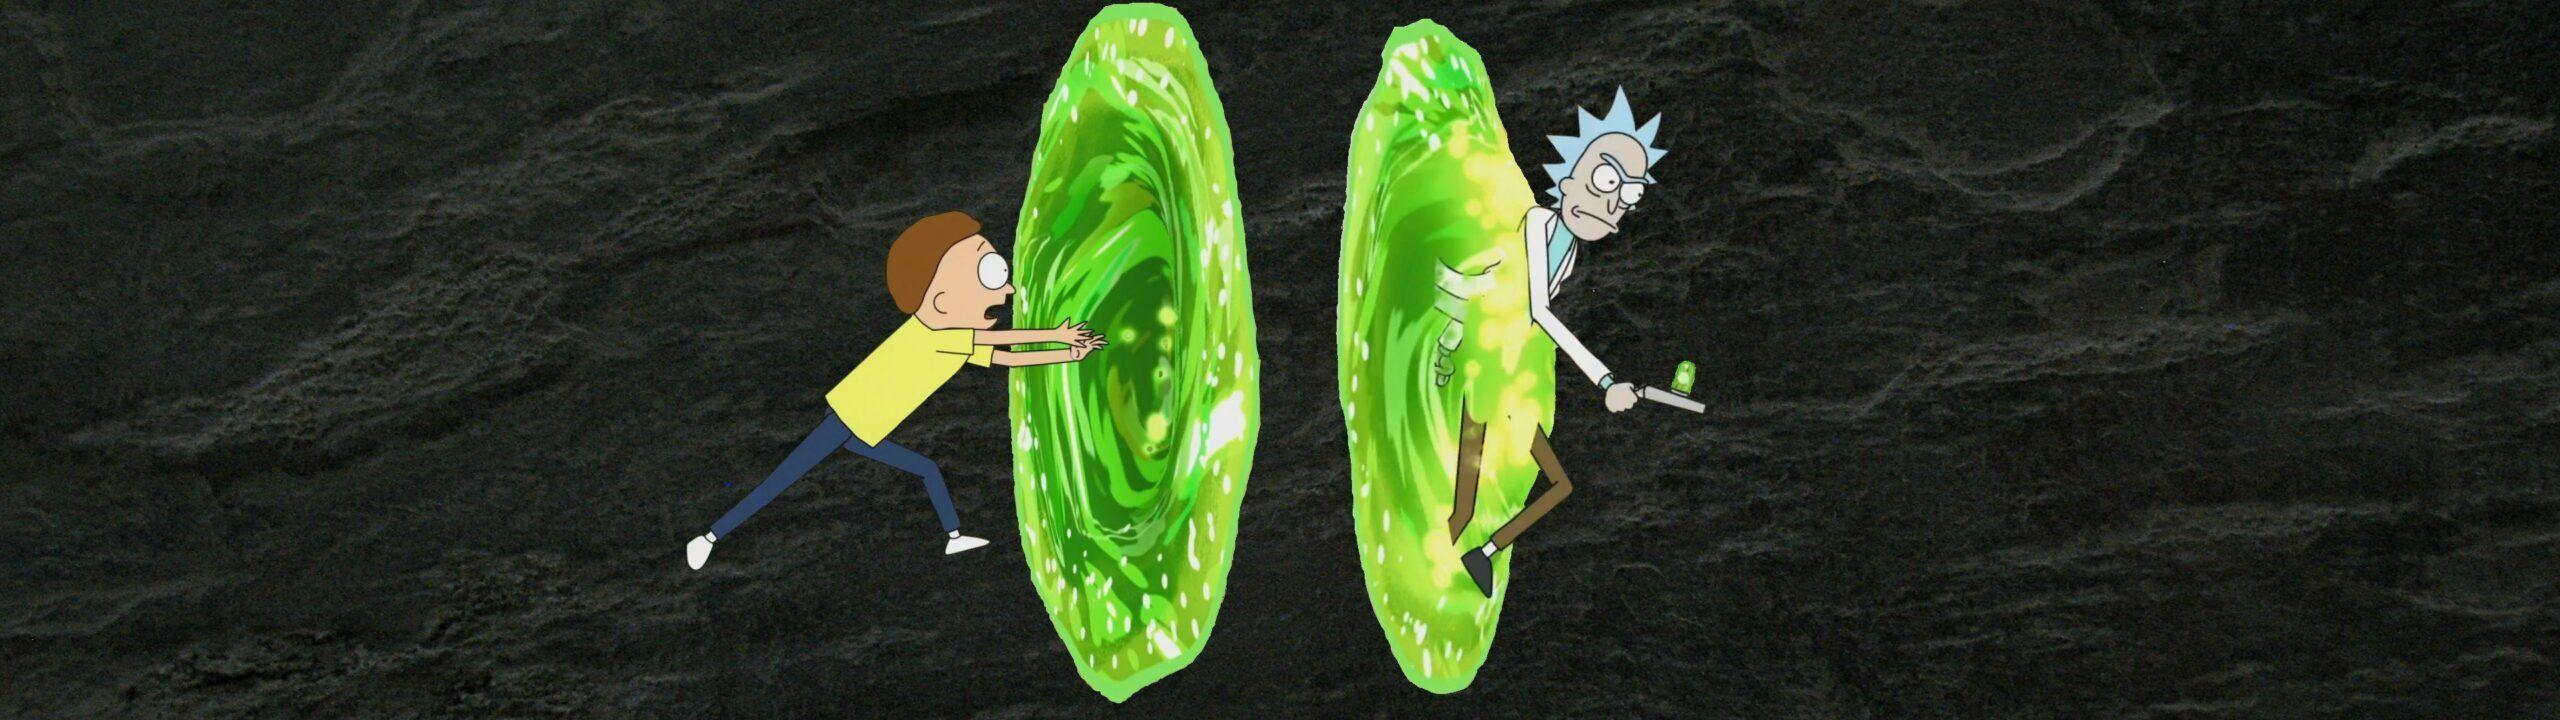 Rick And Morty Dual Screen Wallpaper En 2020 Fondo De Pantalla